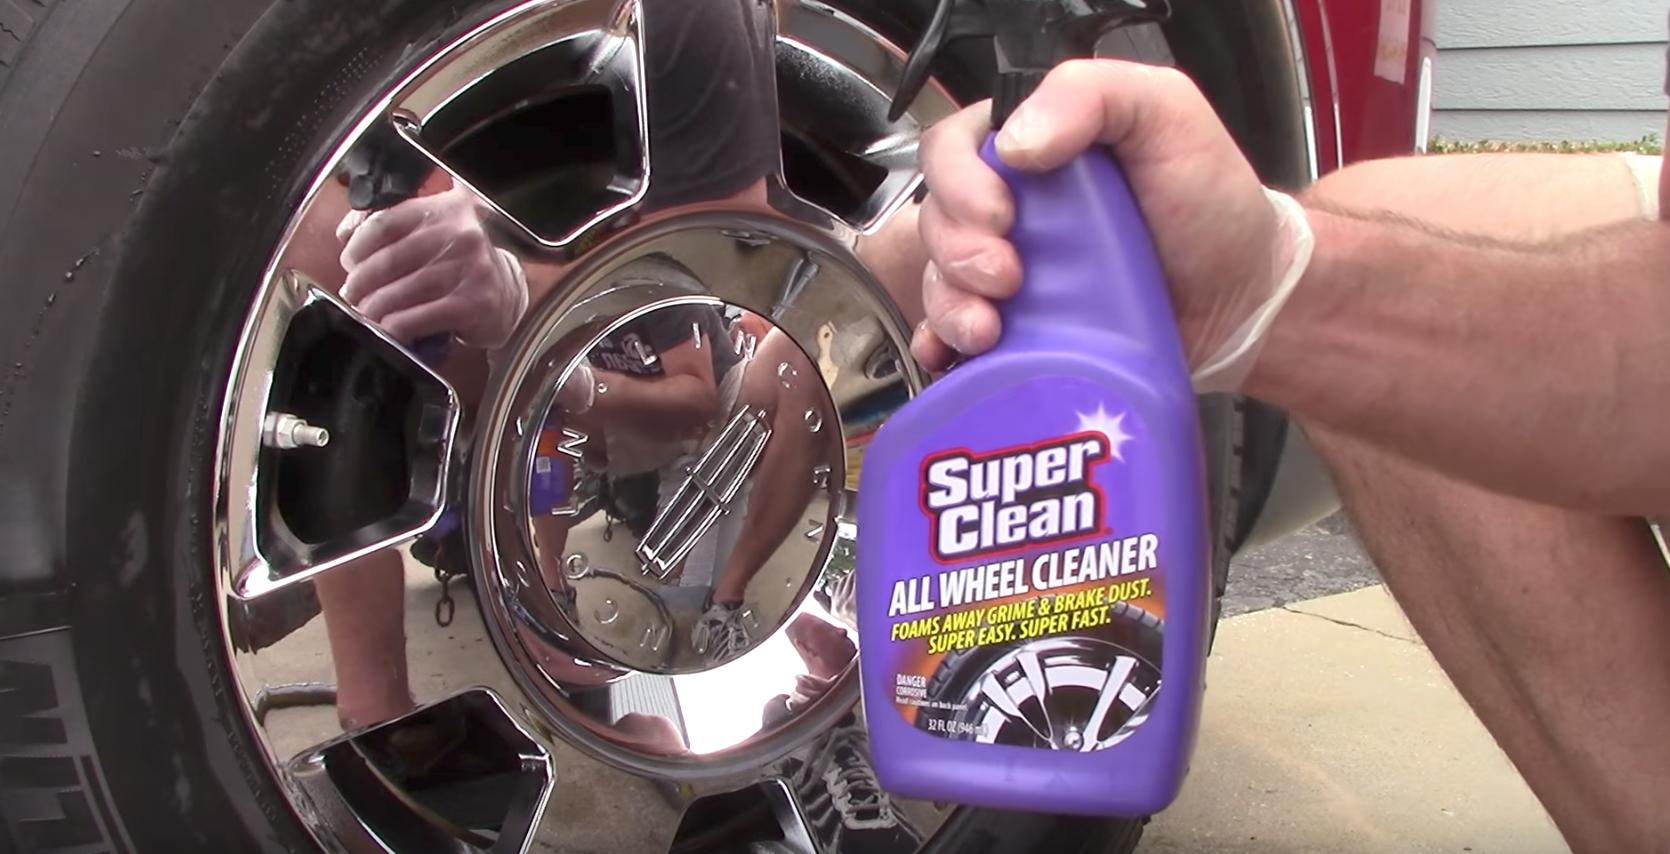 bbeca5b6ae12fb1e490b92b9ba40ba51 - How To Get Rid Of Brake Dust On Wheels